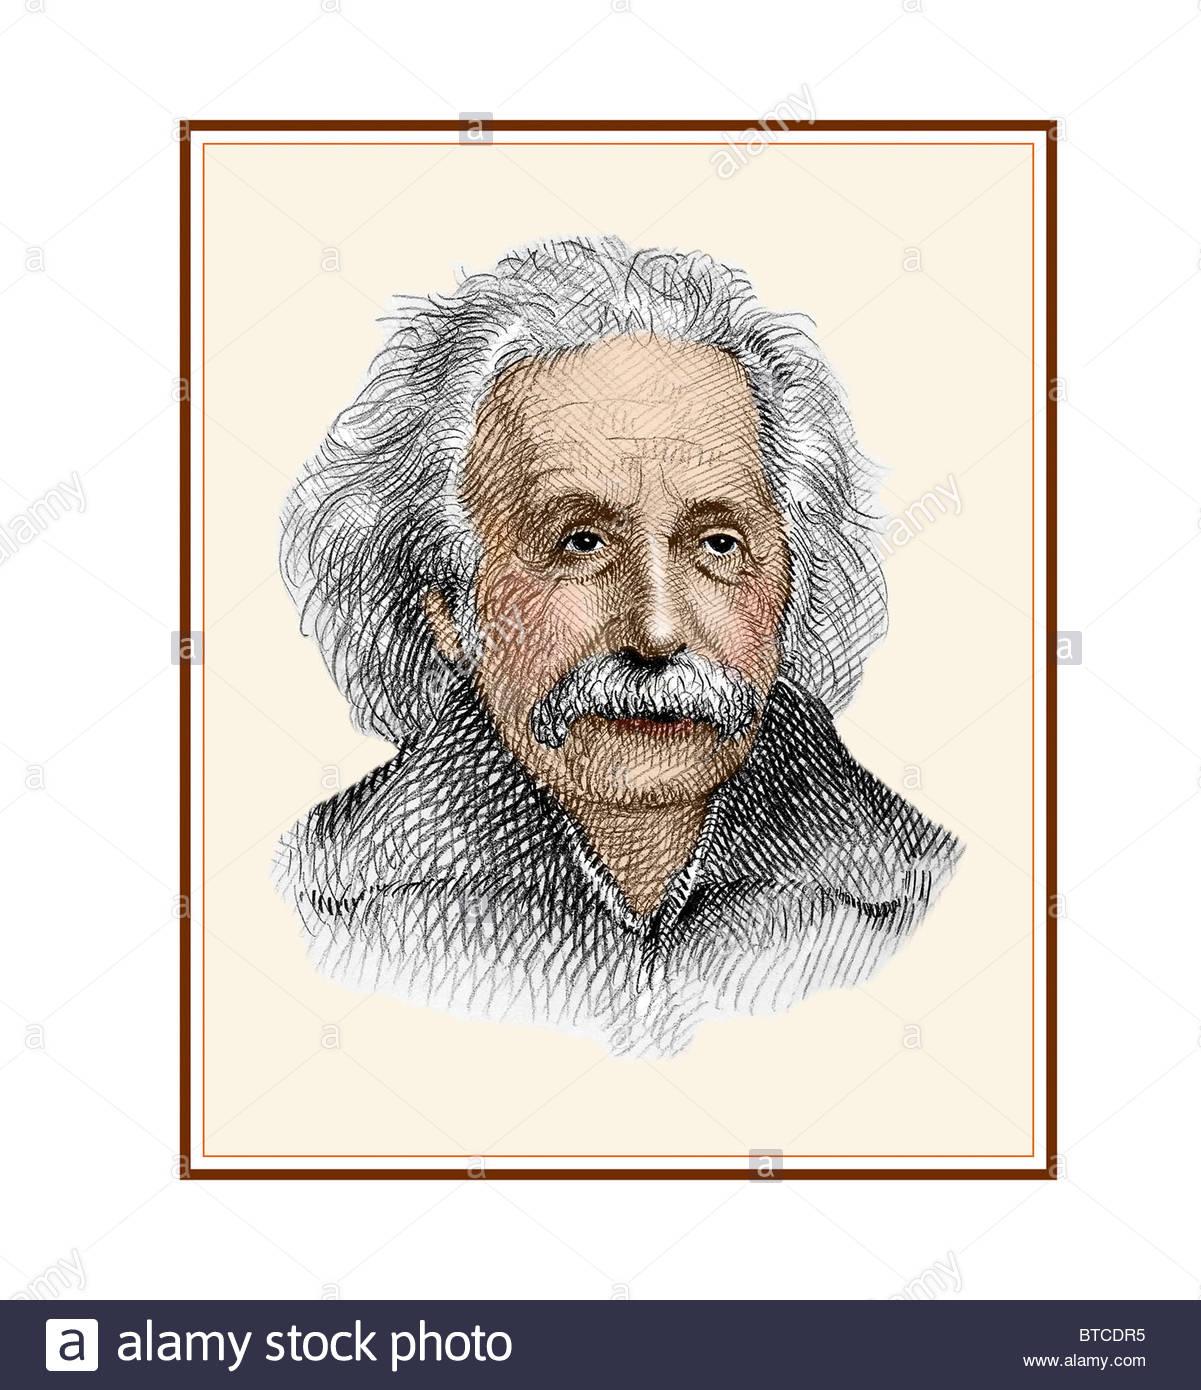 albert einstein 1879 1955 físico matemático alemão moderno desenho